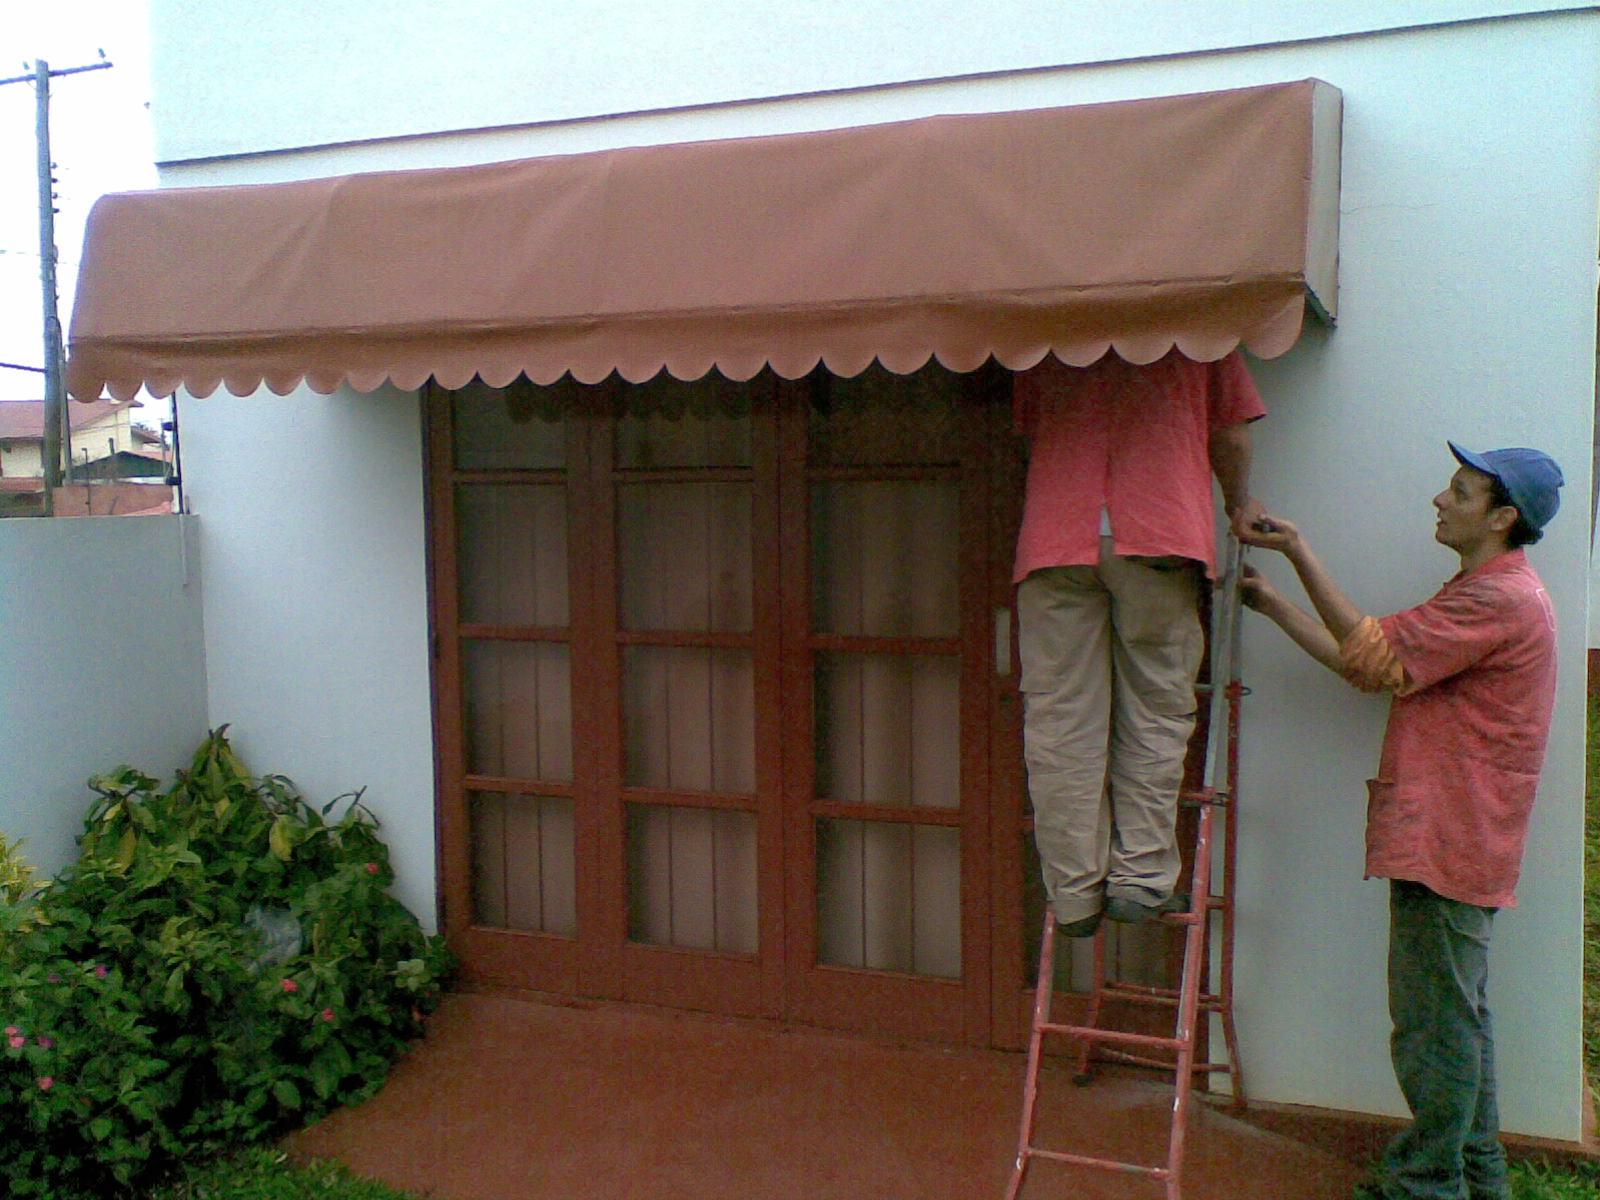 Mais de 22.500 m2 (10/2013) entre coberturas e toldos instalados: